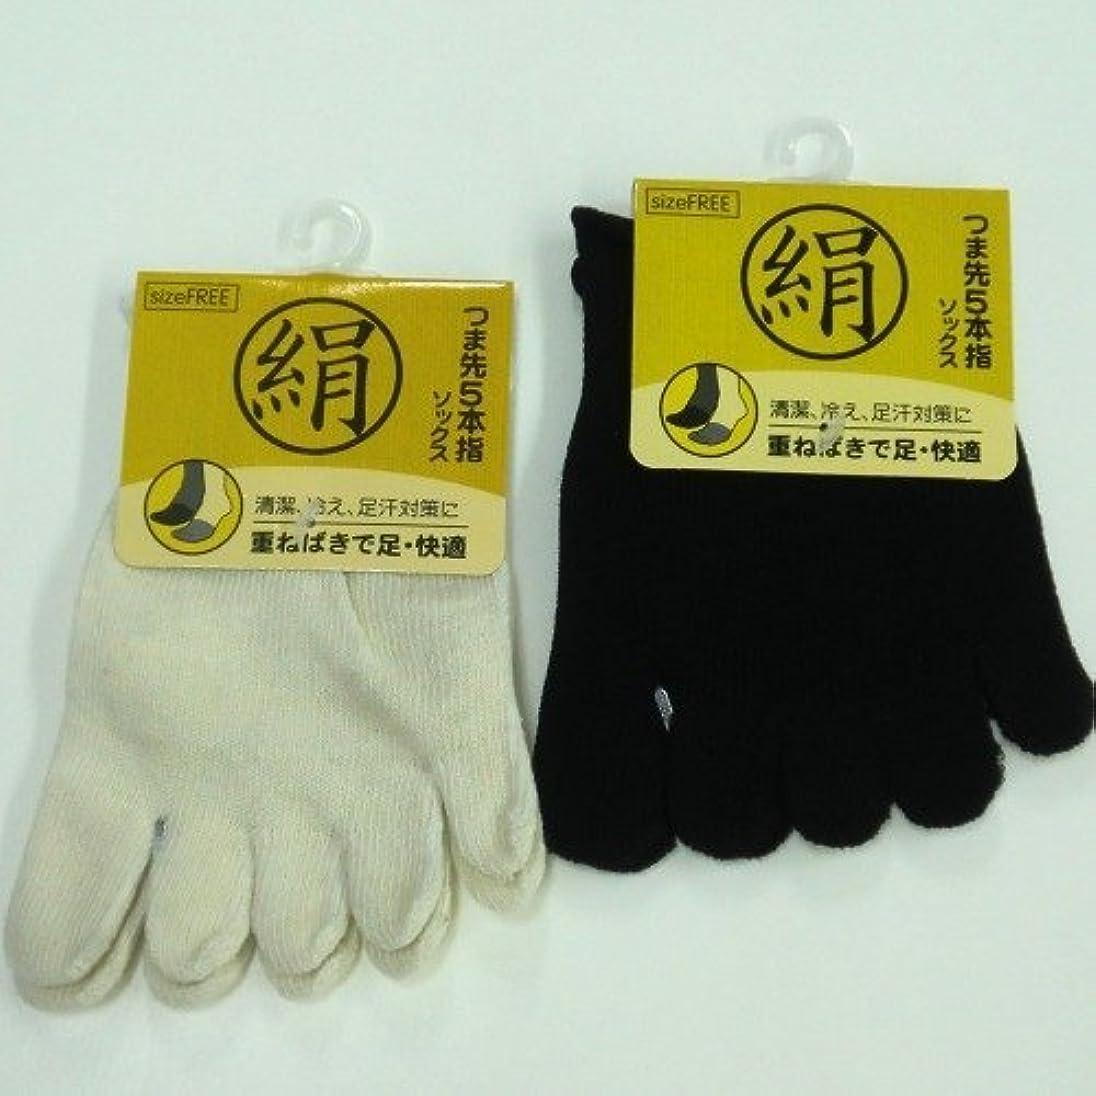 民兵フラグラント送ったシルク 5本指ハーフソックス 足指カバー 天然素材絹で抗菌防臭 3足組 (色はお任せ)